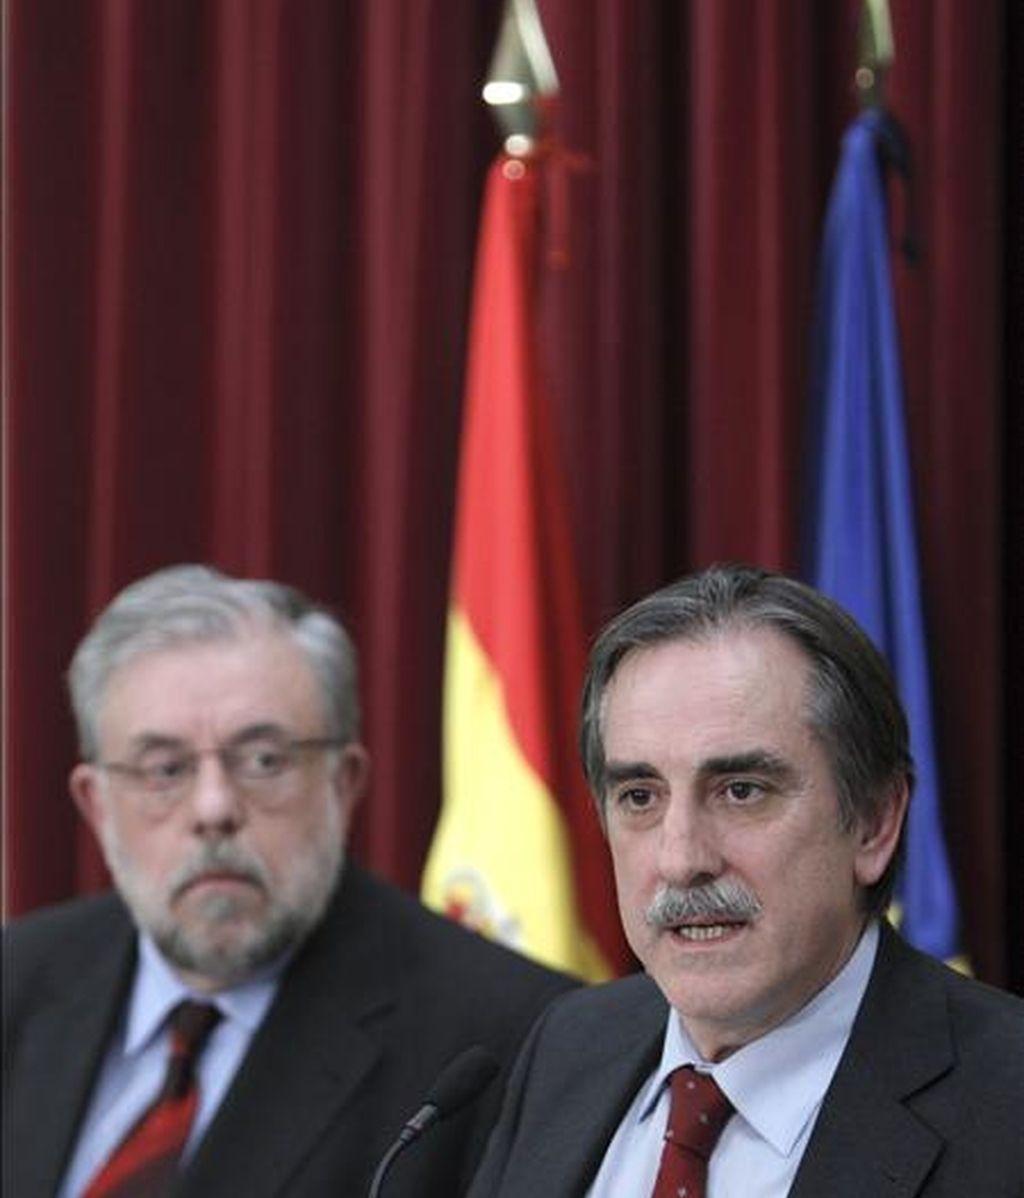 El ministro de Trabajo, Valeriano Gómez (d), acompañado por el secretario de Estado de Seguridad Social, Octavio Granado, realiza unas declaraciones. EFE/Archivo